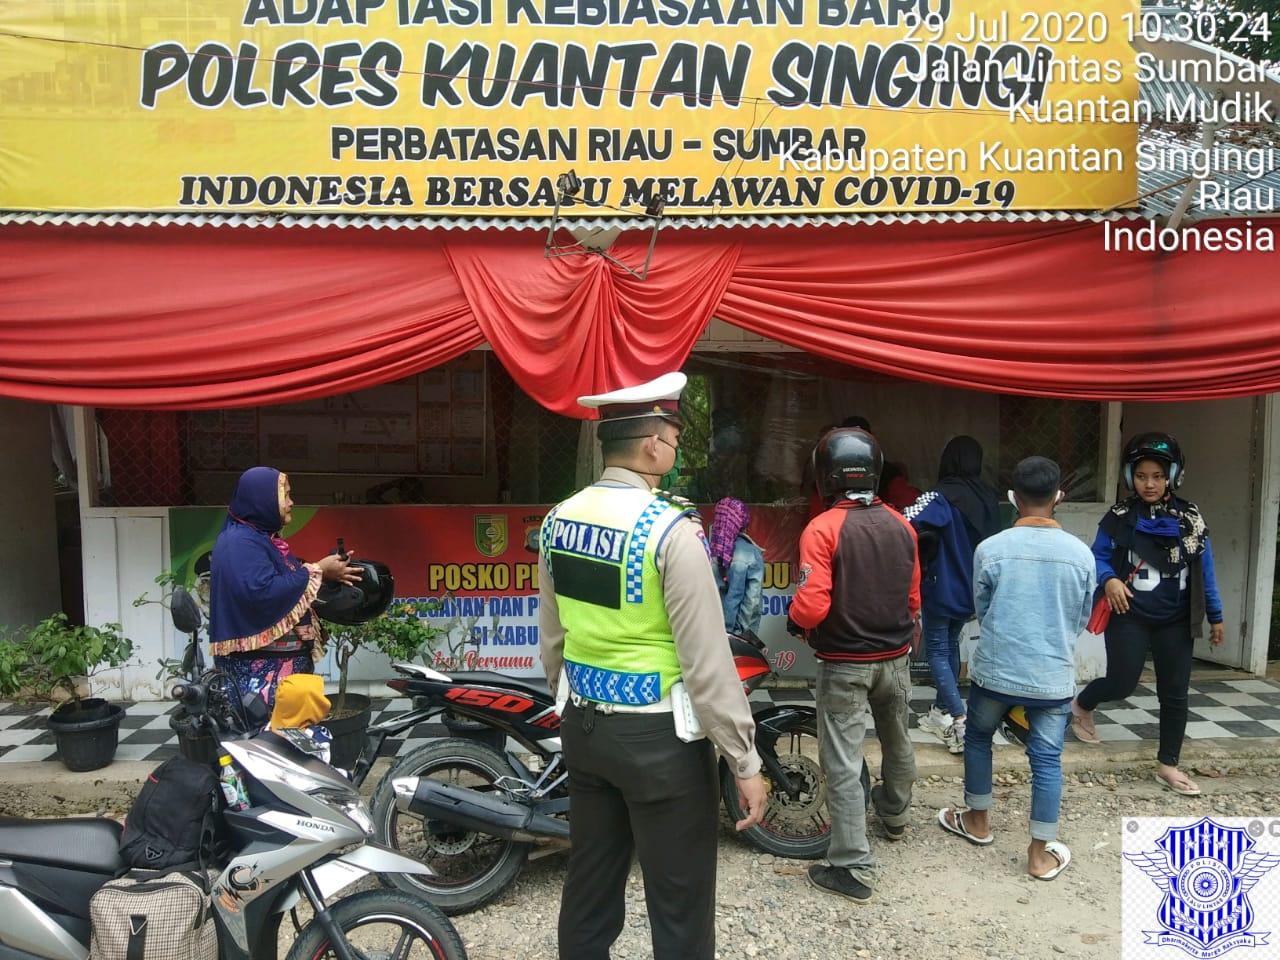 Tekan Penyebaran Covid – 19, Polres Kuansing Sinergis dengan TNI dan Pemkab Kuansing,Tempatkan Personel di Perbatasan Riau Sumbar